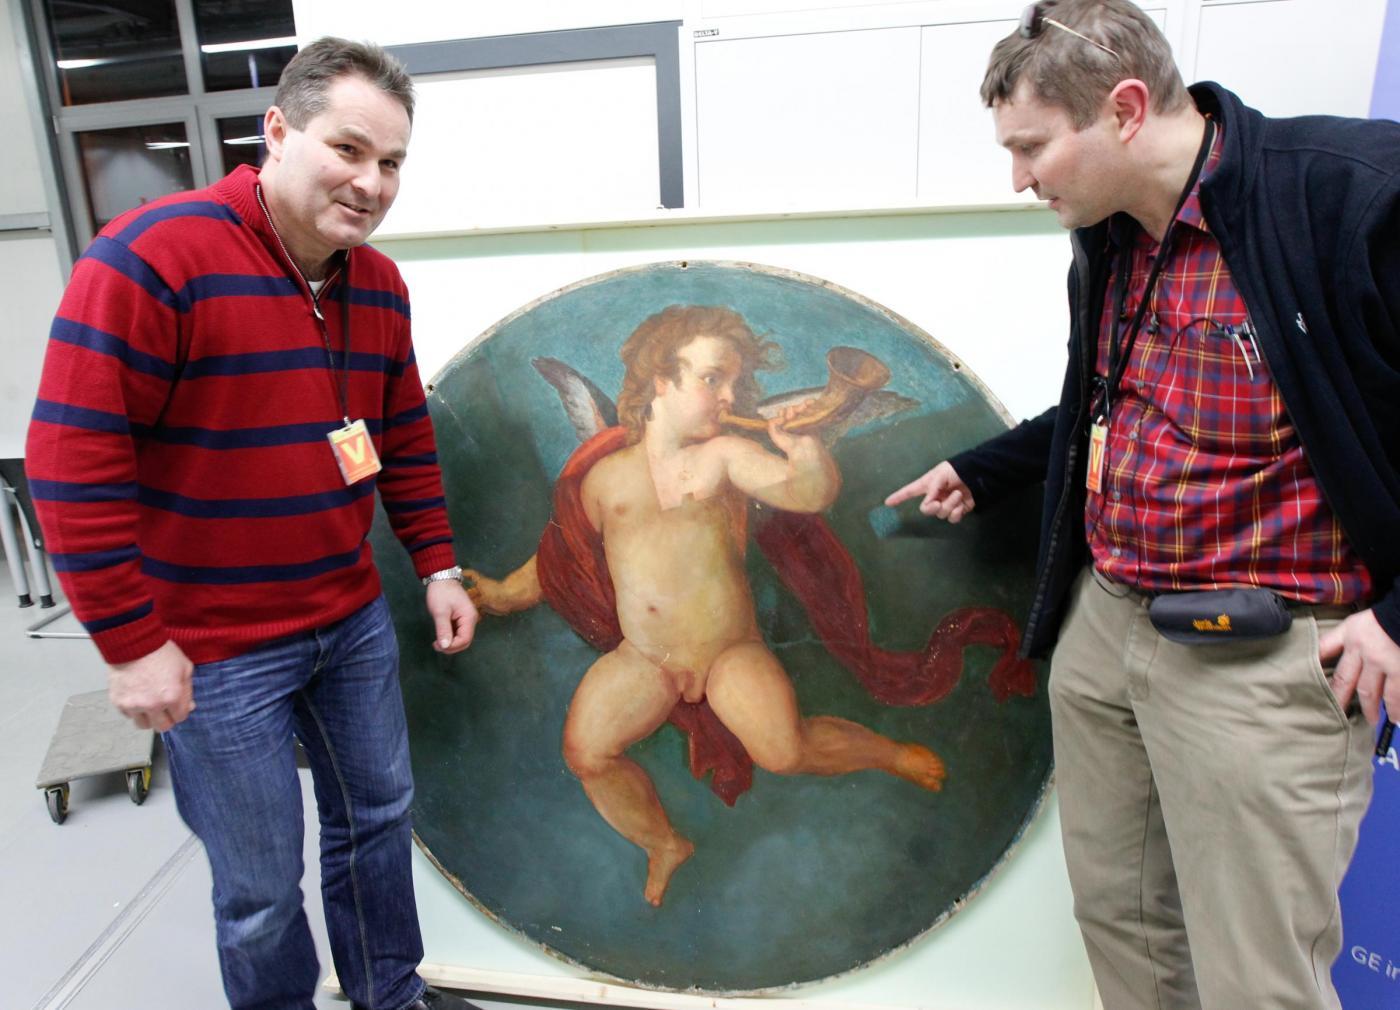 Trovato un quadro forse dipinto da Klimt01